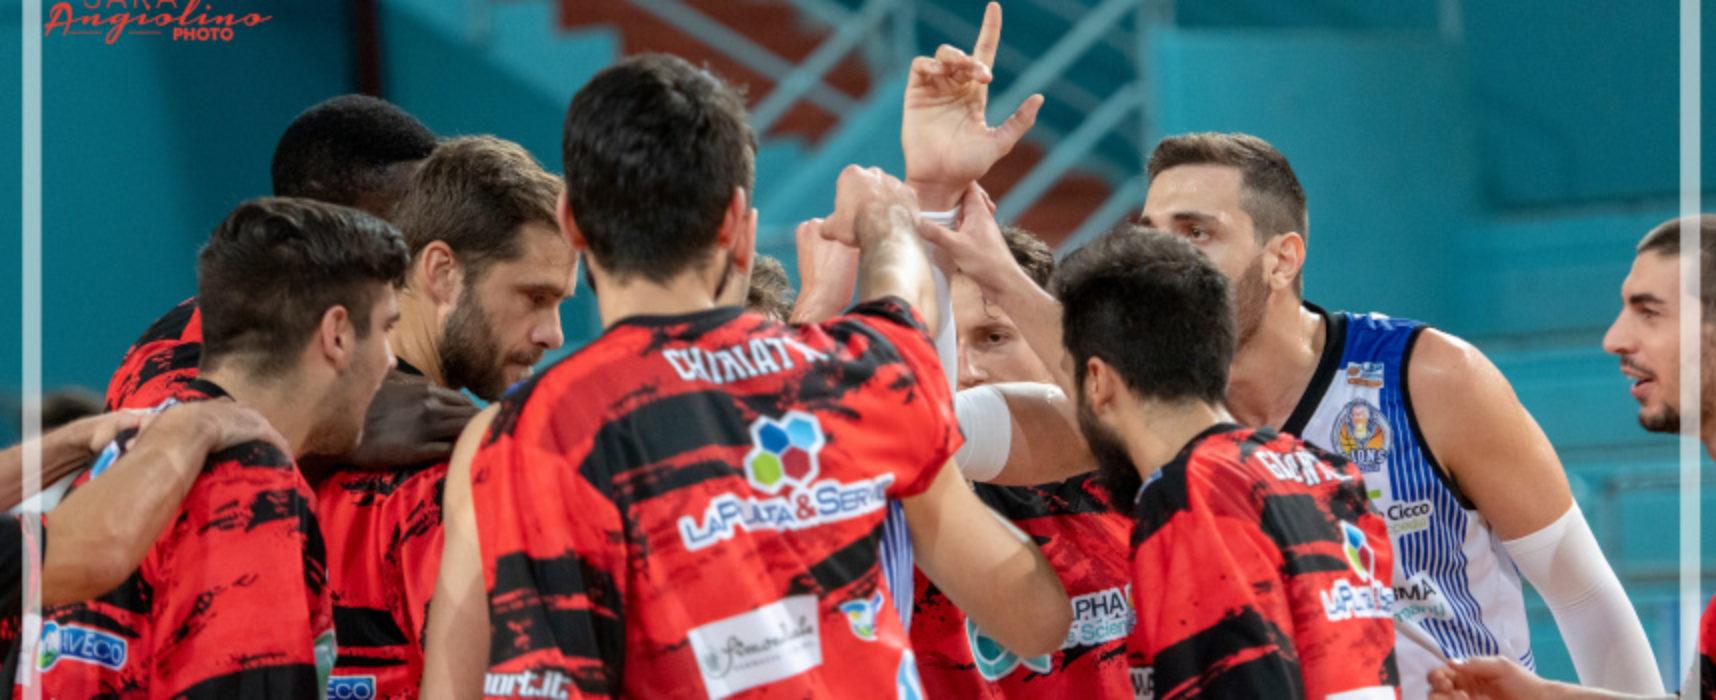 Basket, l'Alpha Pharma batte Reggio Calabria e ottiene la quarta vittoria consecutiva